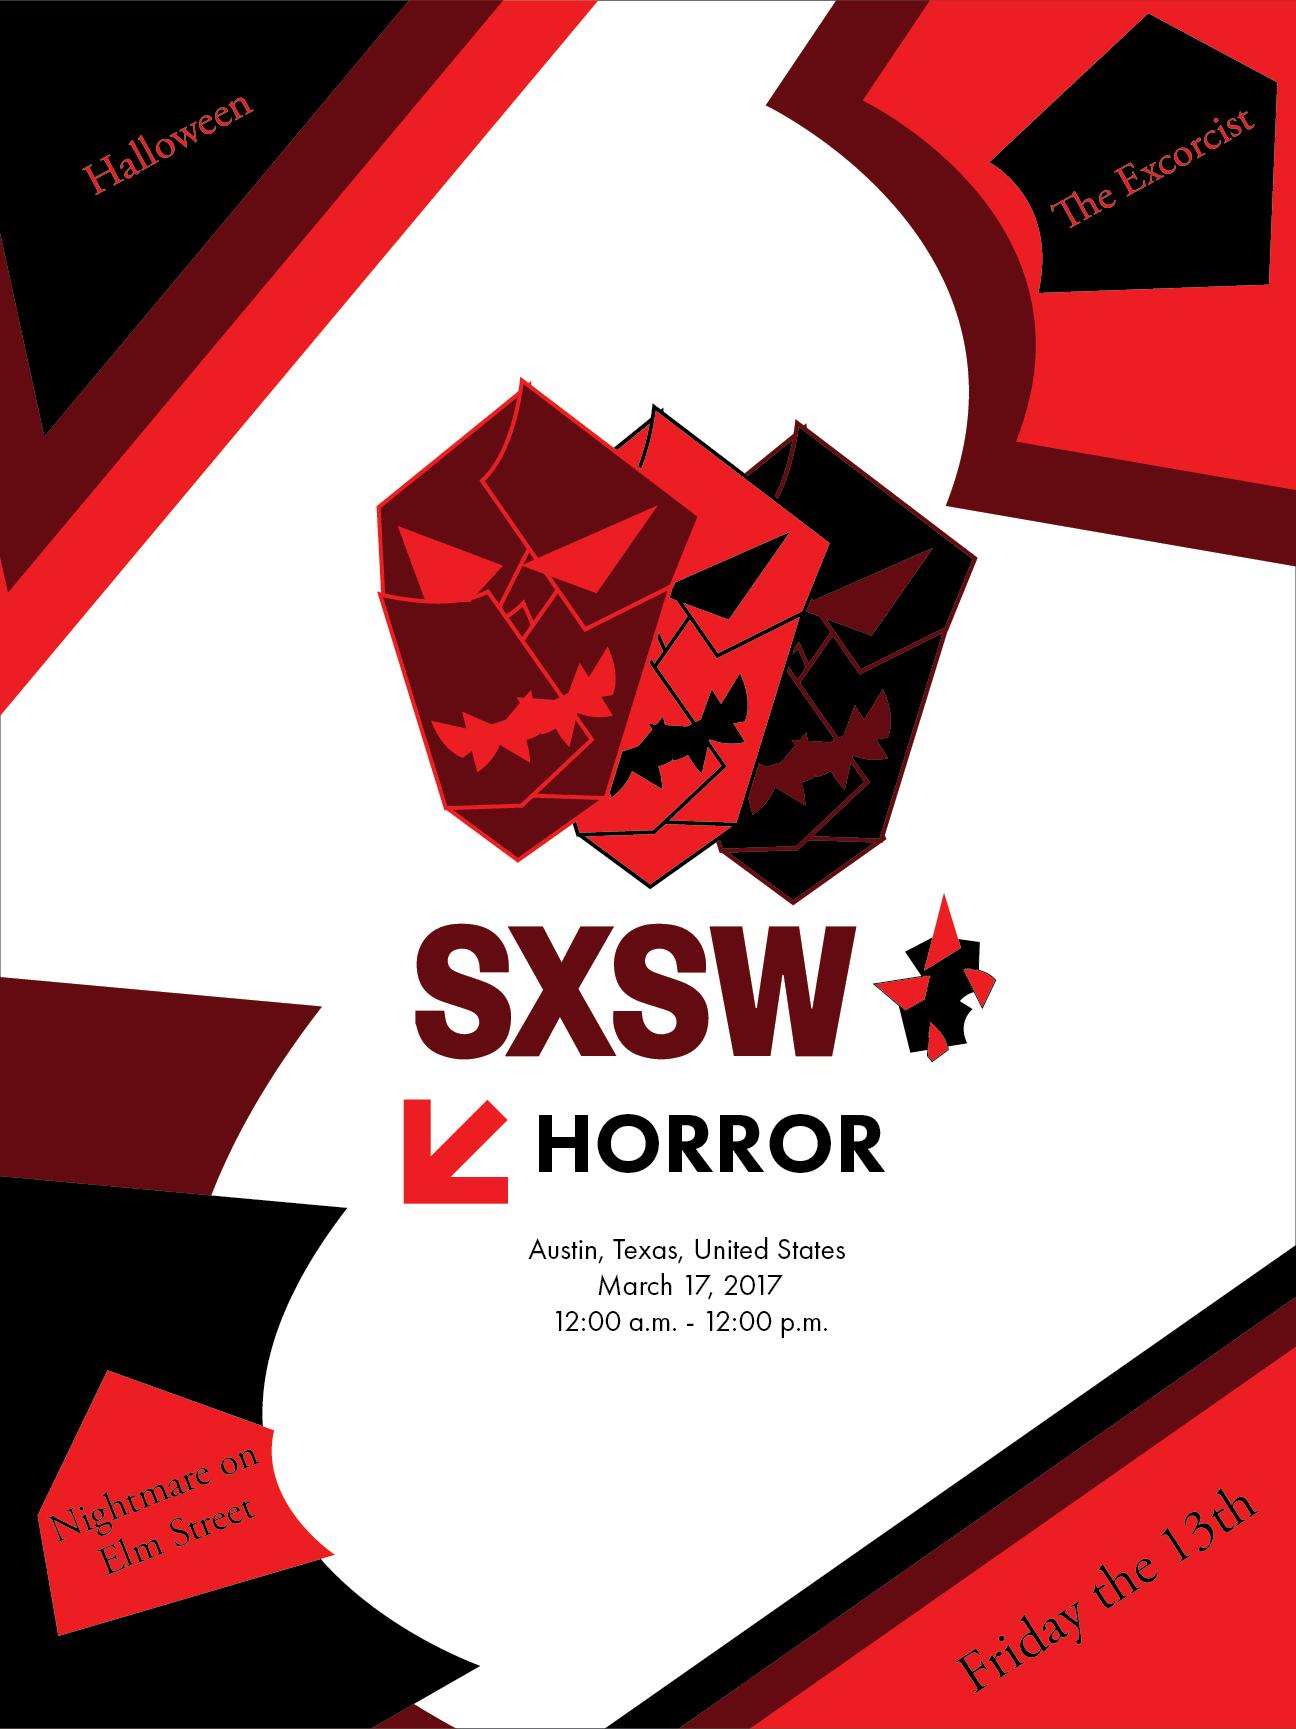 SXSW Horror